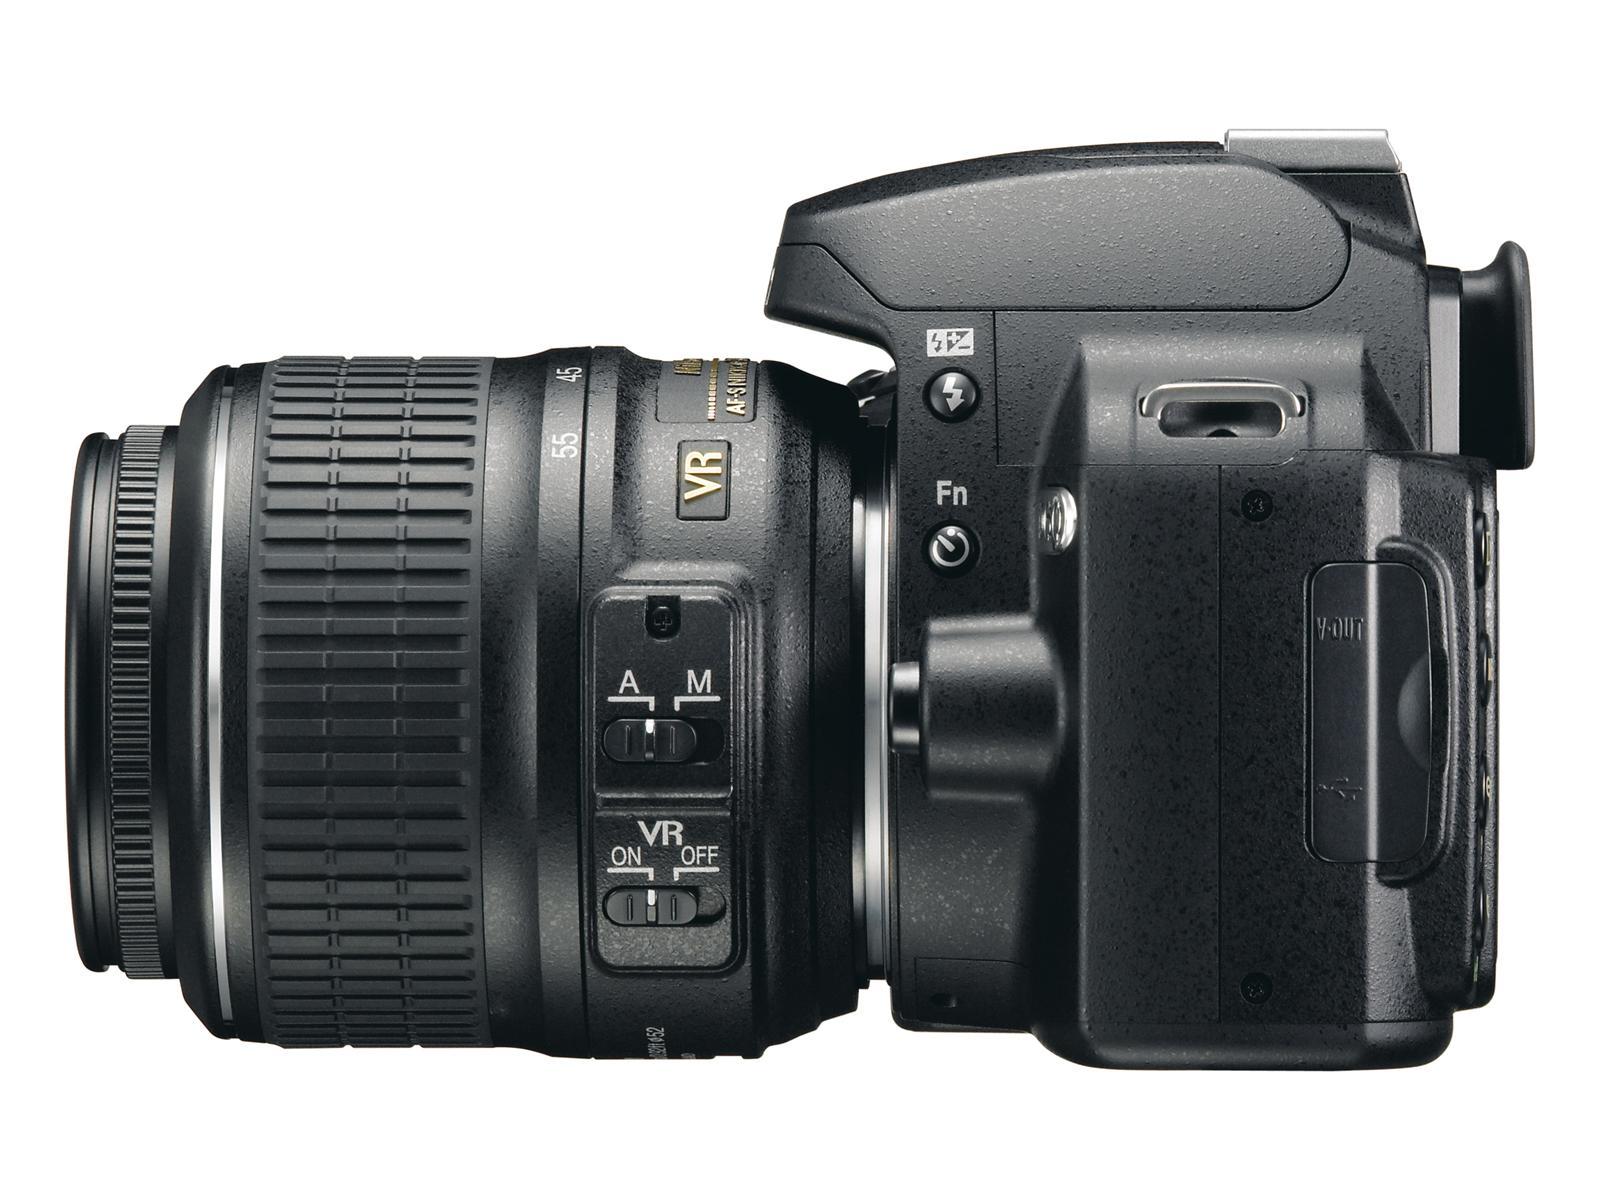 Nikon D60 med kitobjektiv